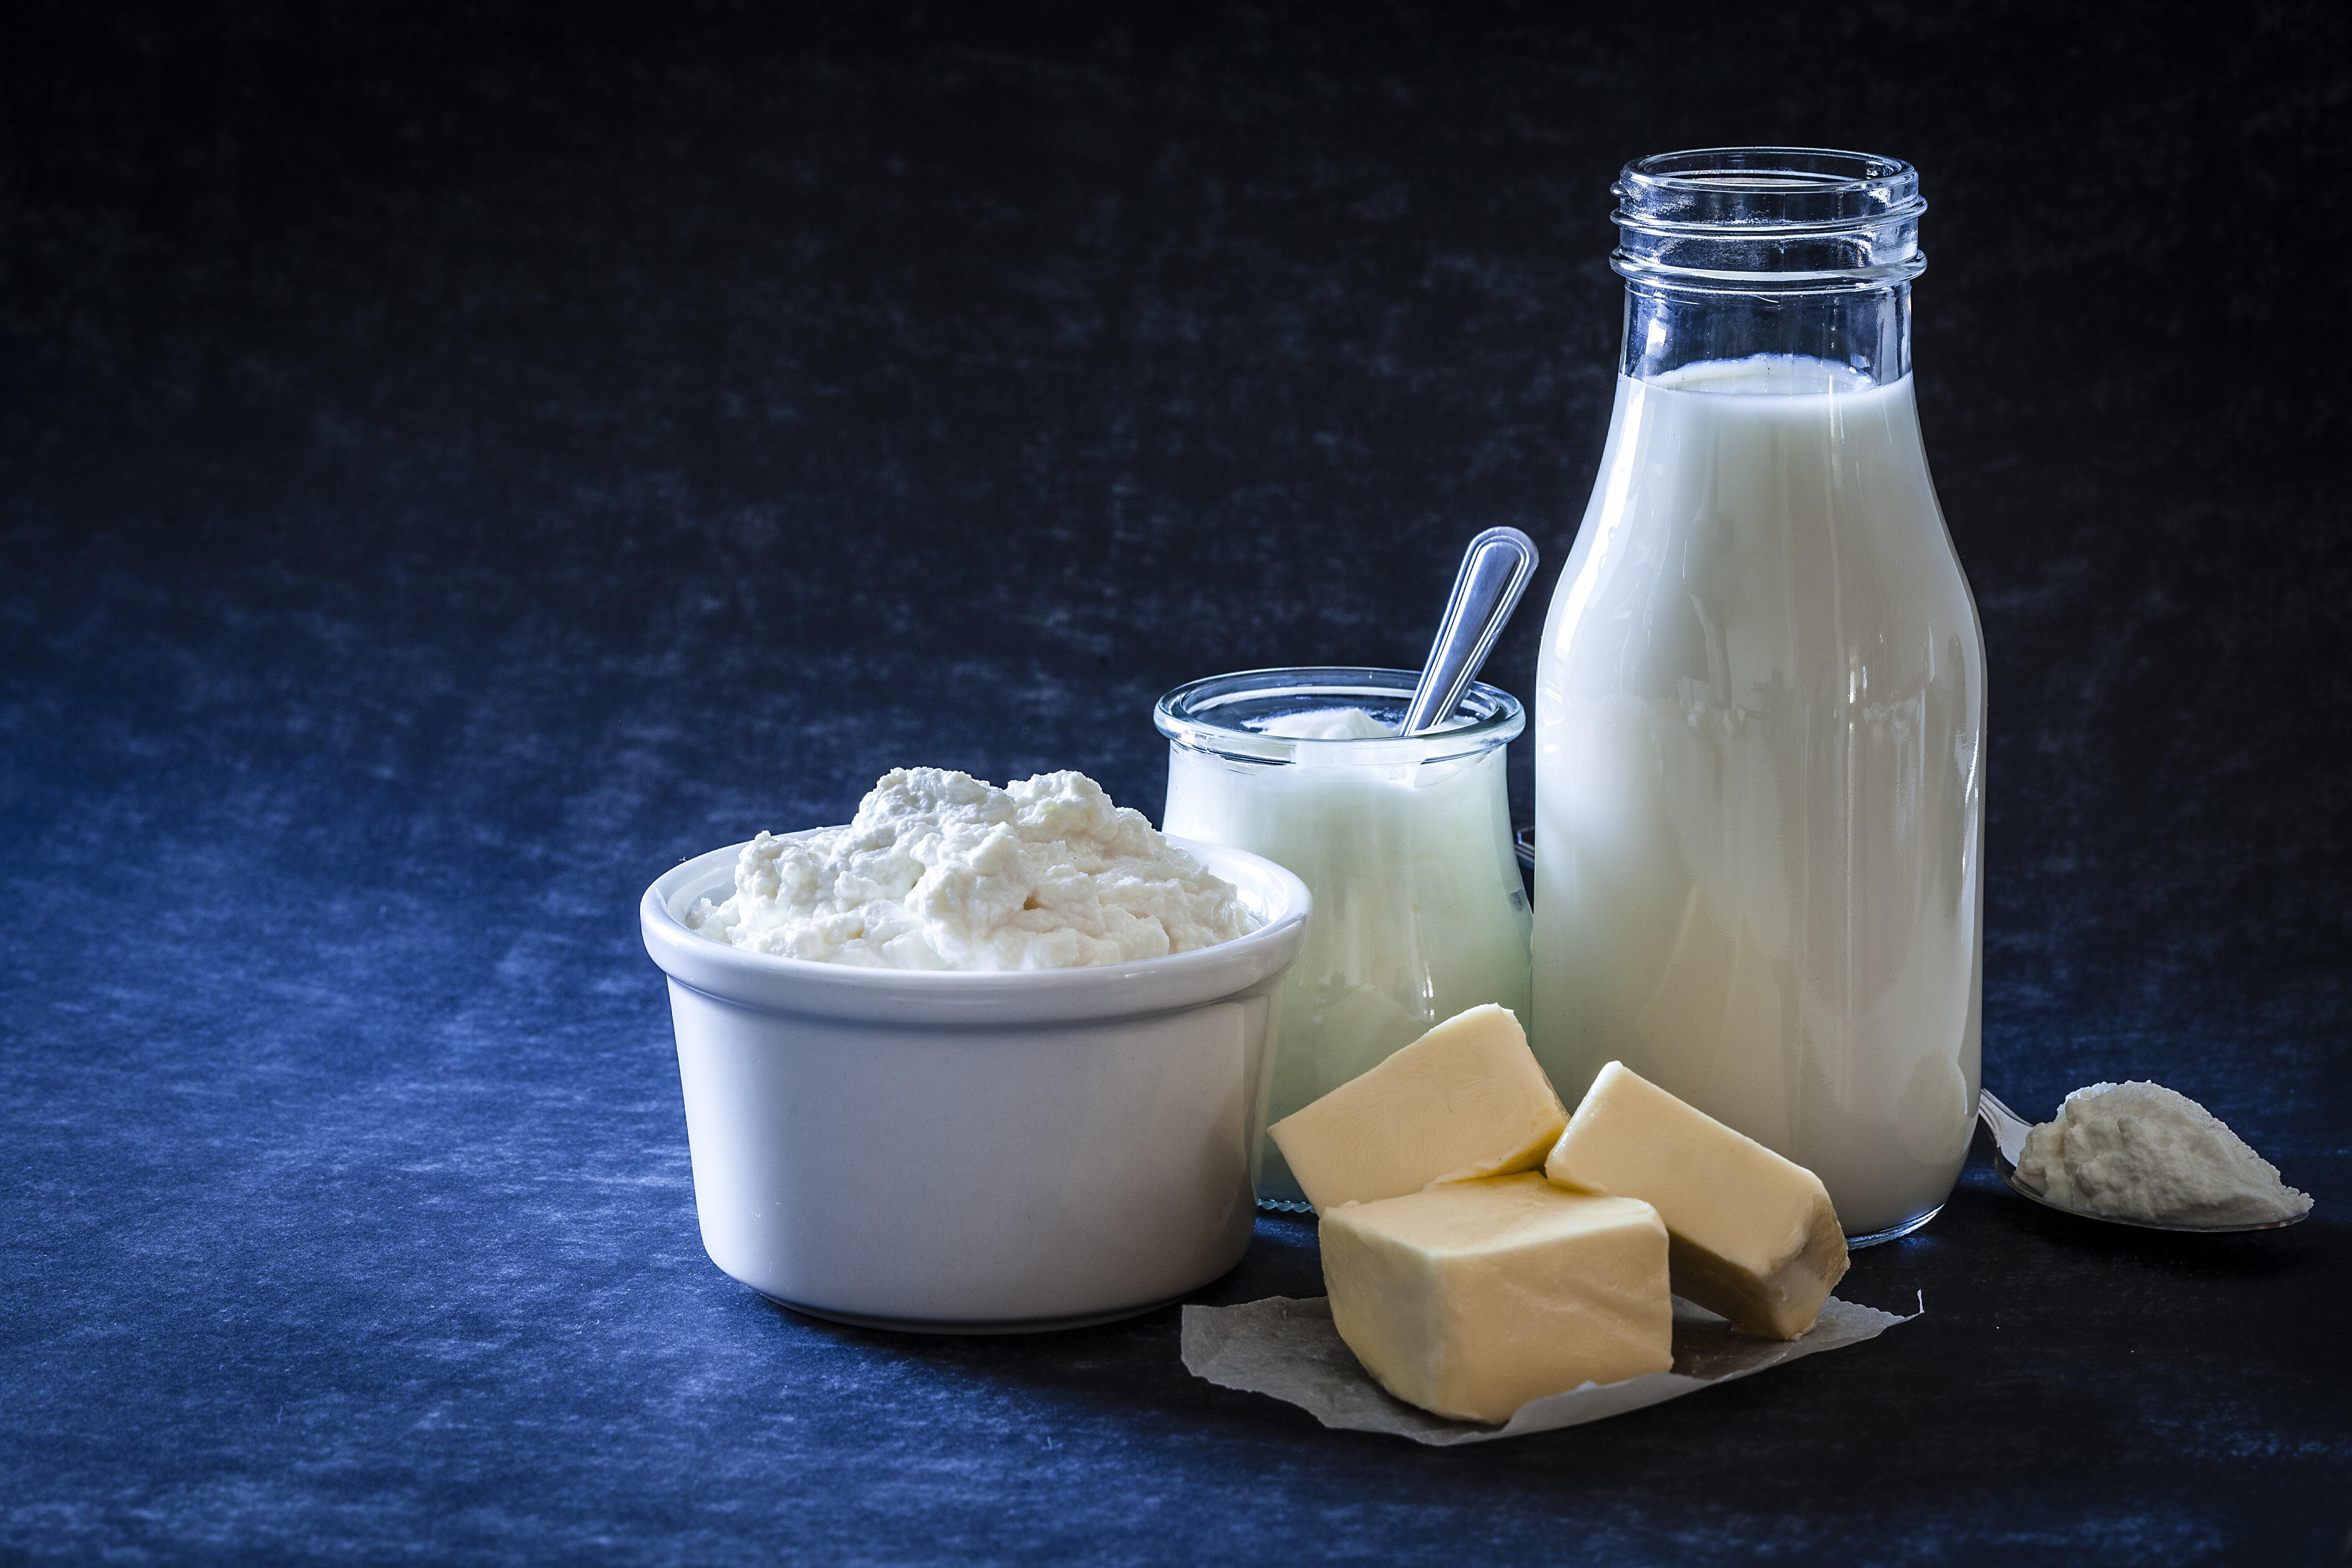 Γάλα και γαλακτοκομικά προϊόντα για παιδιά: Τι δείχνει μελέτη Έλληνα